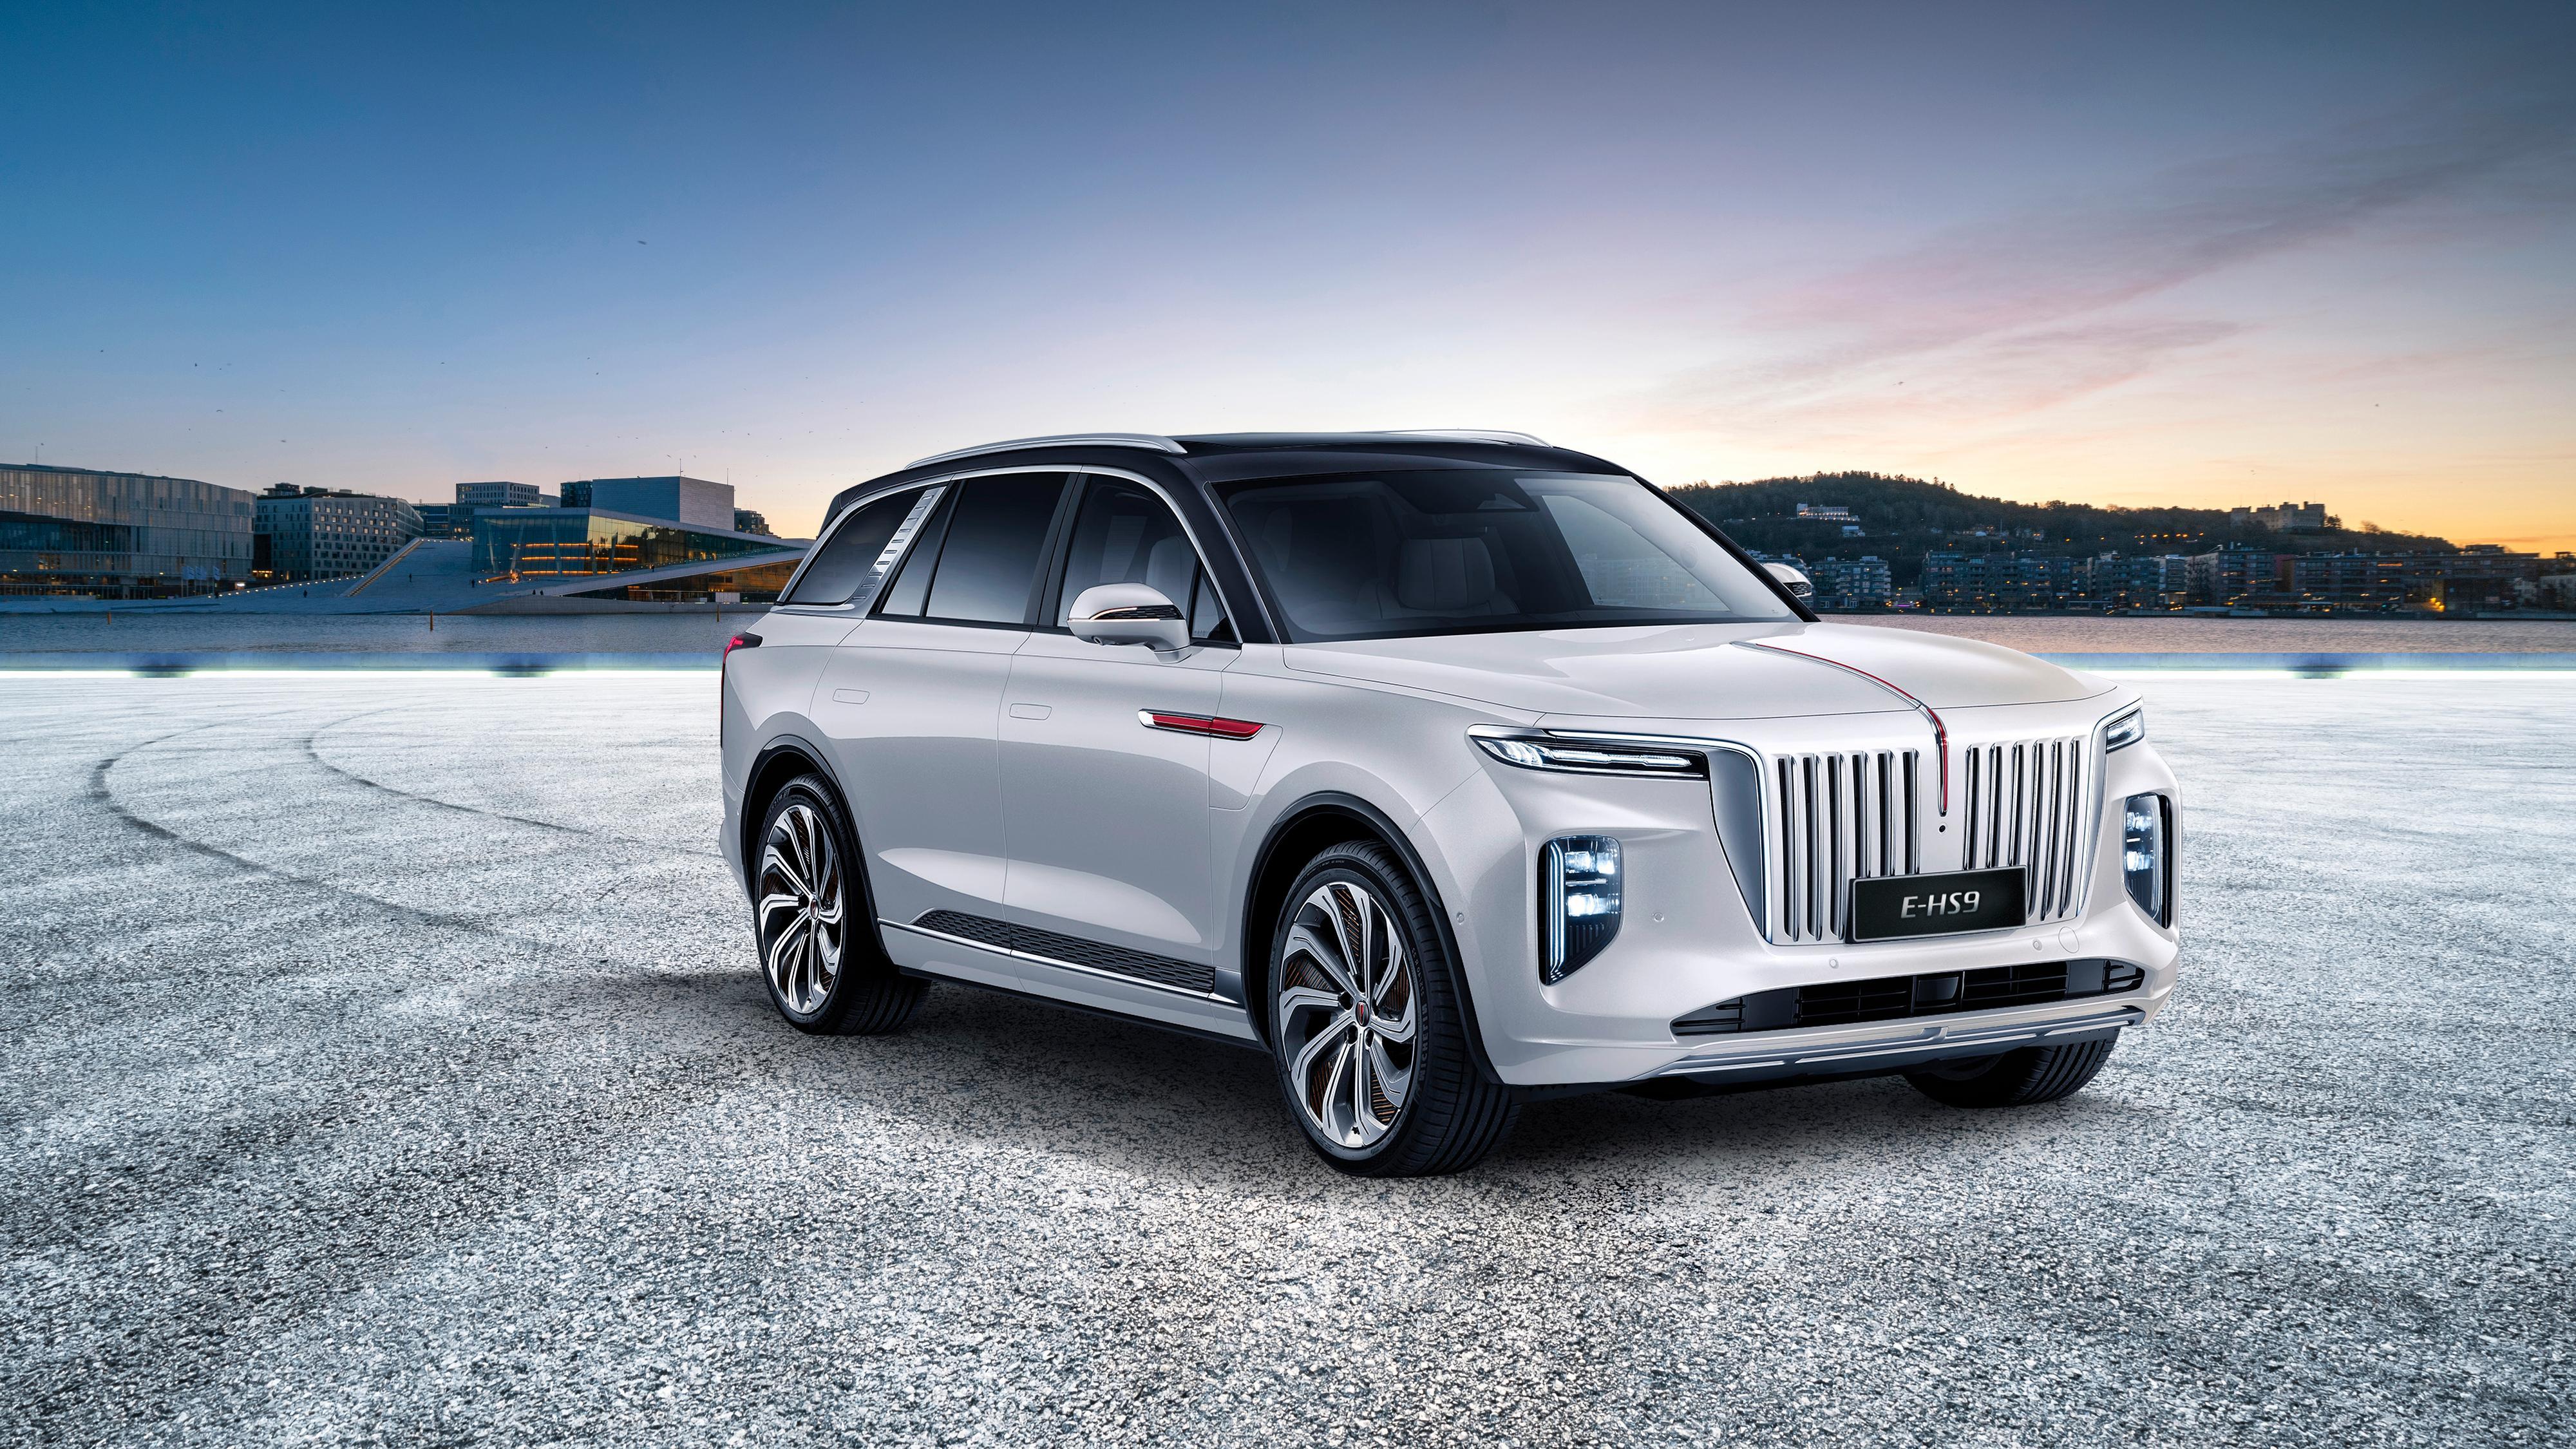 Prisen er klar: Ny kinesisk luksus-elbil blir tilgjengelig i Norge